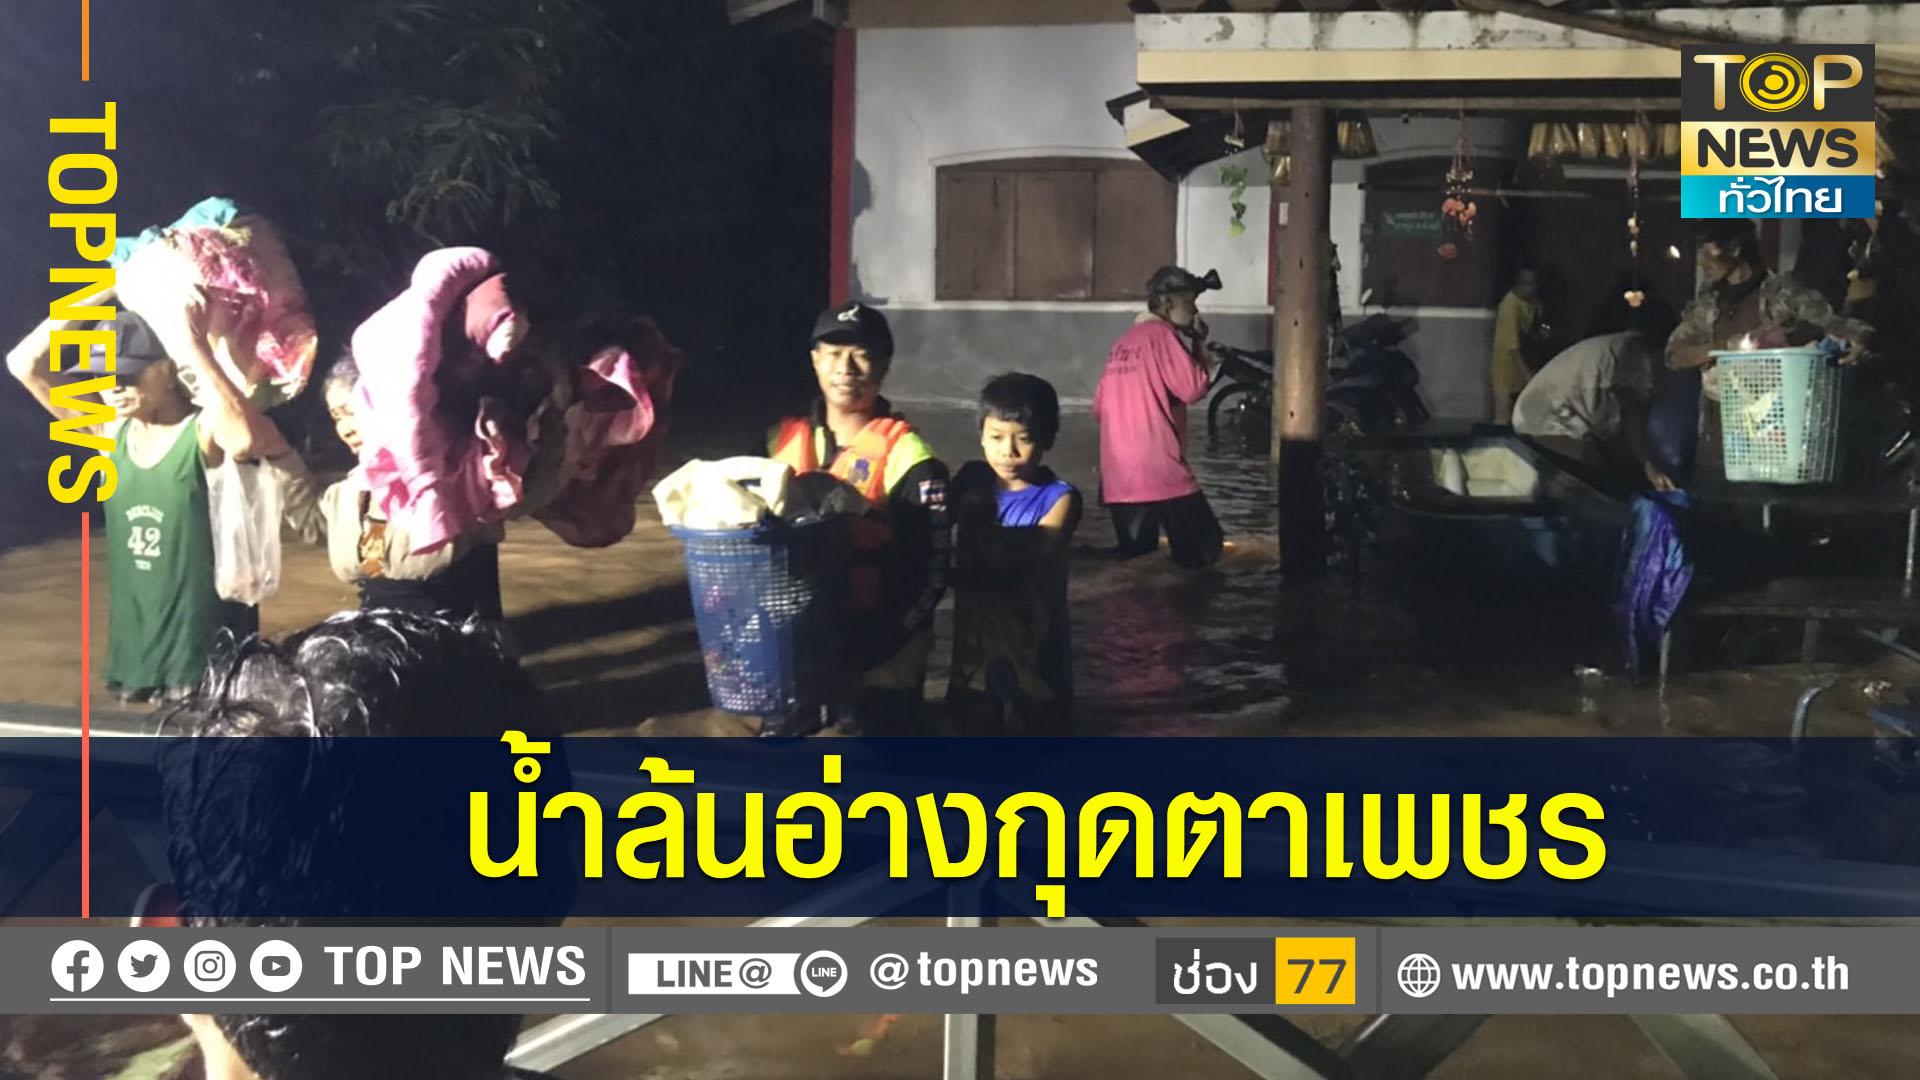 ฝนตกหนักต่อเนื่อง  น้ำล้นอ่างกุดตาเพชรเข้าท่วมบ้านเรือนประชาชนแล้ว   เร่งอพยพชาวบ้านกว่า 400 หลังคาเรือนออกจากพื้นที่เสี่ยง